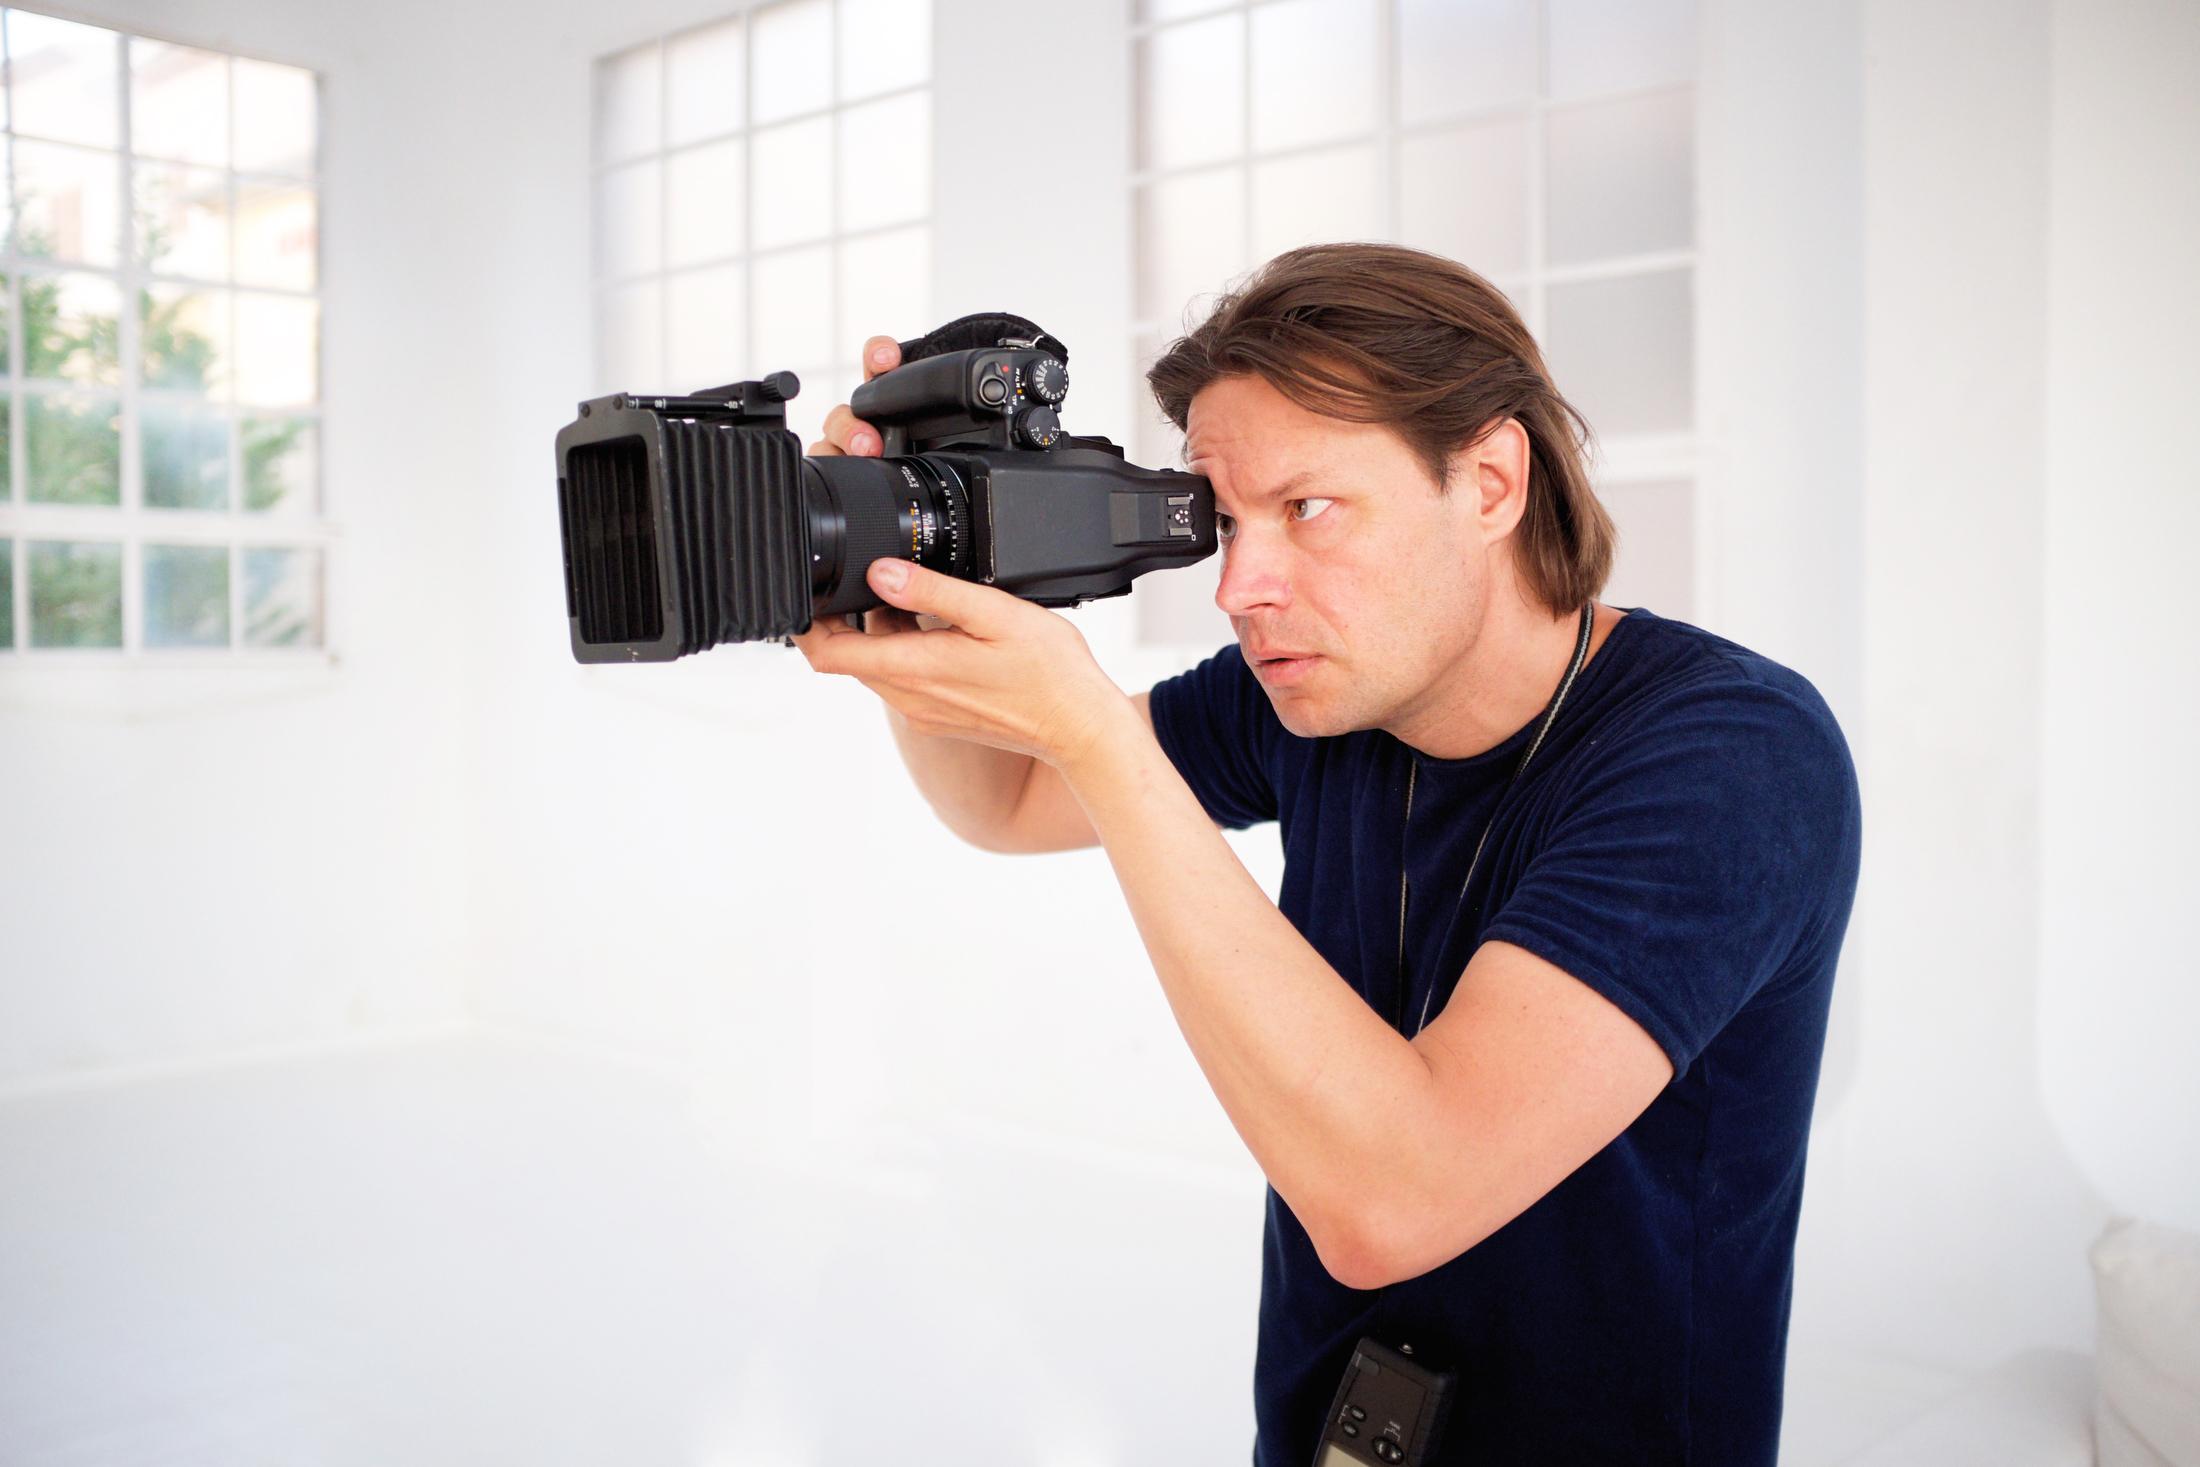 """Oliver Brenneisen - Ihr preisgekrönter Fotograf für CEO Portraits und Unternehmensfotografie. Mit über 25 Jahren internationaler Erfahrung auf dem Markt.""""Portraitfotografie ist für mich die Königsklasse"""", sagt der Profi-Fotograf. Ein Porträt ist für ihn gelungen, wenn es Charakterzüge sichtbar macht und eine Geschichte erzählt.Zum Fotografieren bevorzugt er natürliches Licht, zu seinen Fotoproduktionen zählen Standbilder als auch bewegte Bilder. Seine größte Stärke? Die Atmosphäre bildlich einzufangen und Prozesse lebendig zu dokumentieren – für charismatische, ausdrucksvolle Aufnahmen.Seine Arbeiten werden von Fotoagenturen weltweit vertrieben, in Zeitschriften und Büchern veröffentlicht sowie in der Unternehmenskommunikation eingesetzt."""